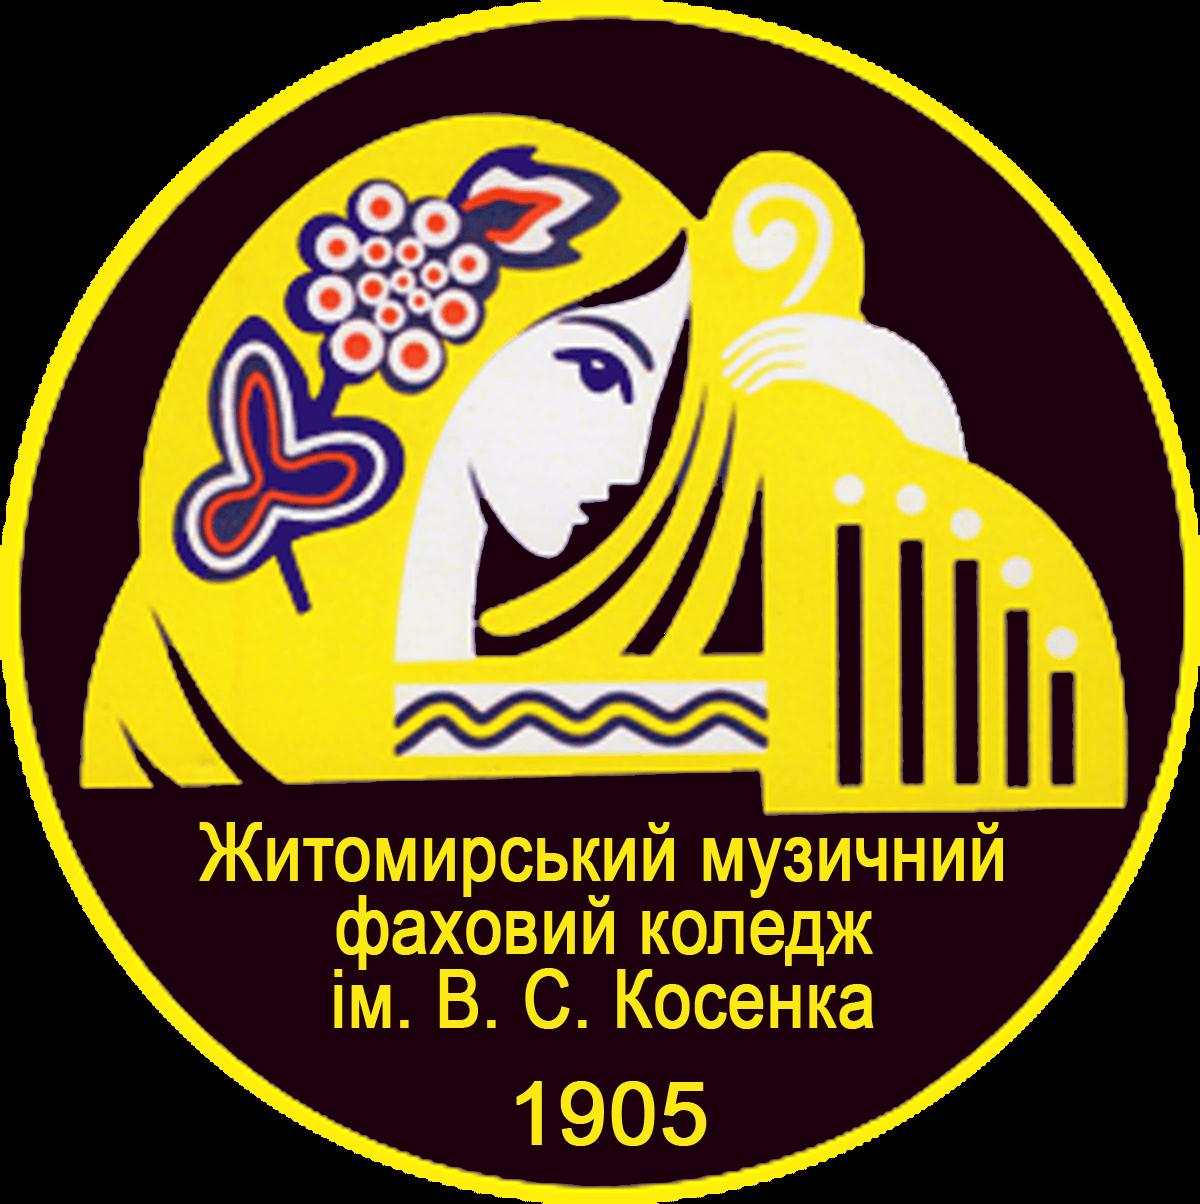 логотип житомирського музичного фахового коледжу імені В.С.Косенка